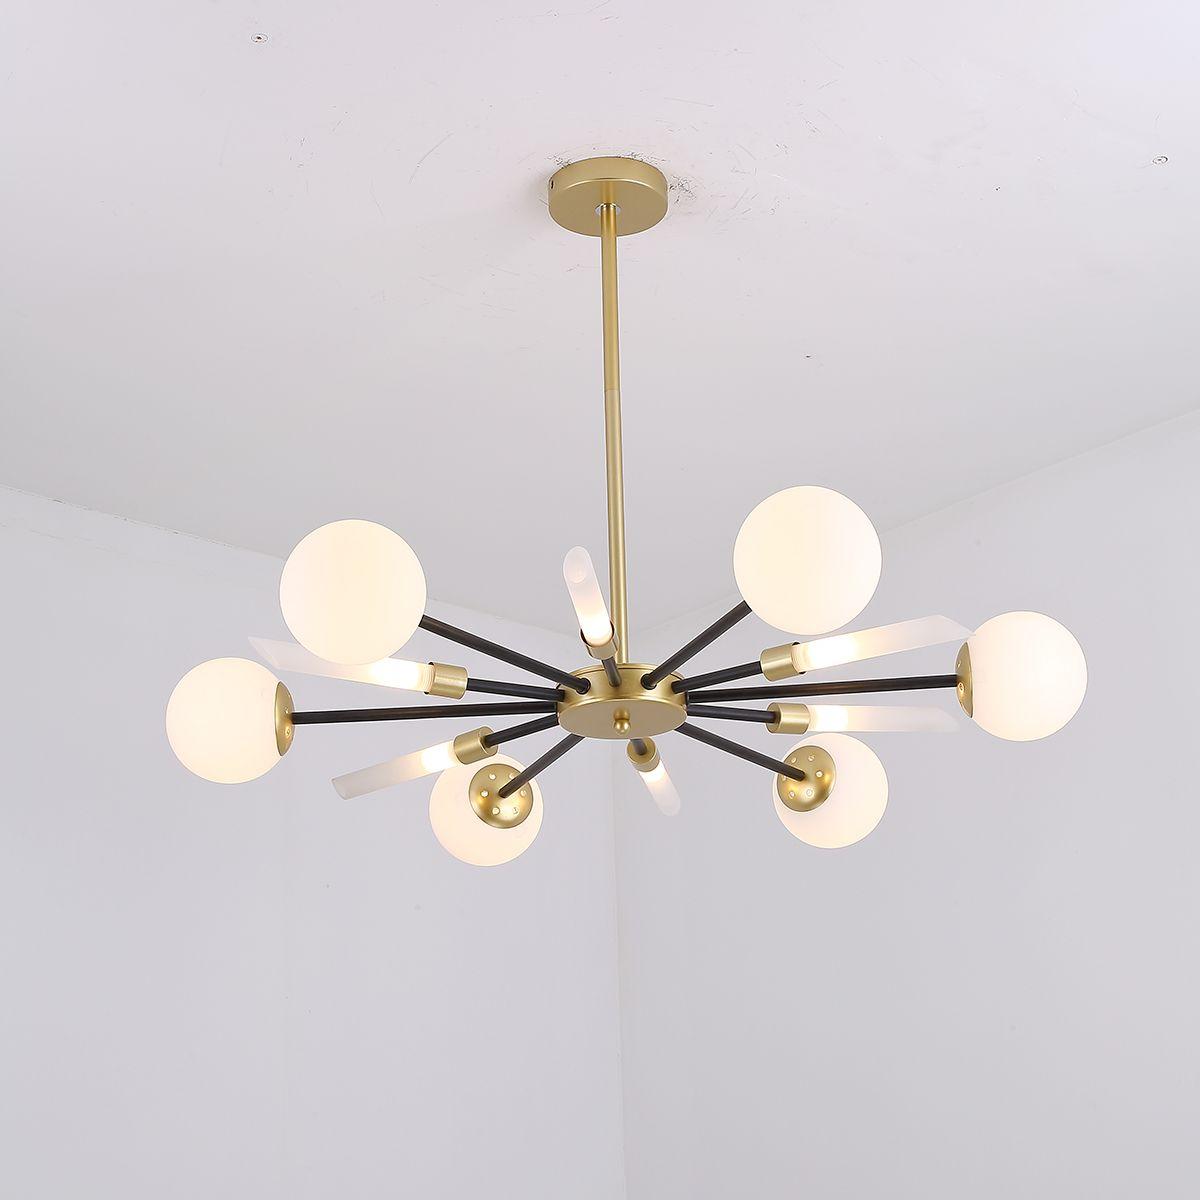 Gold Kronleuchter Wohnzimmer Lampe kreative Restaurant Licht Licht Luxus  Schlafzimmer Lampe Design Lampen moderne Kronleuchter China G9